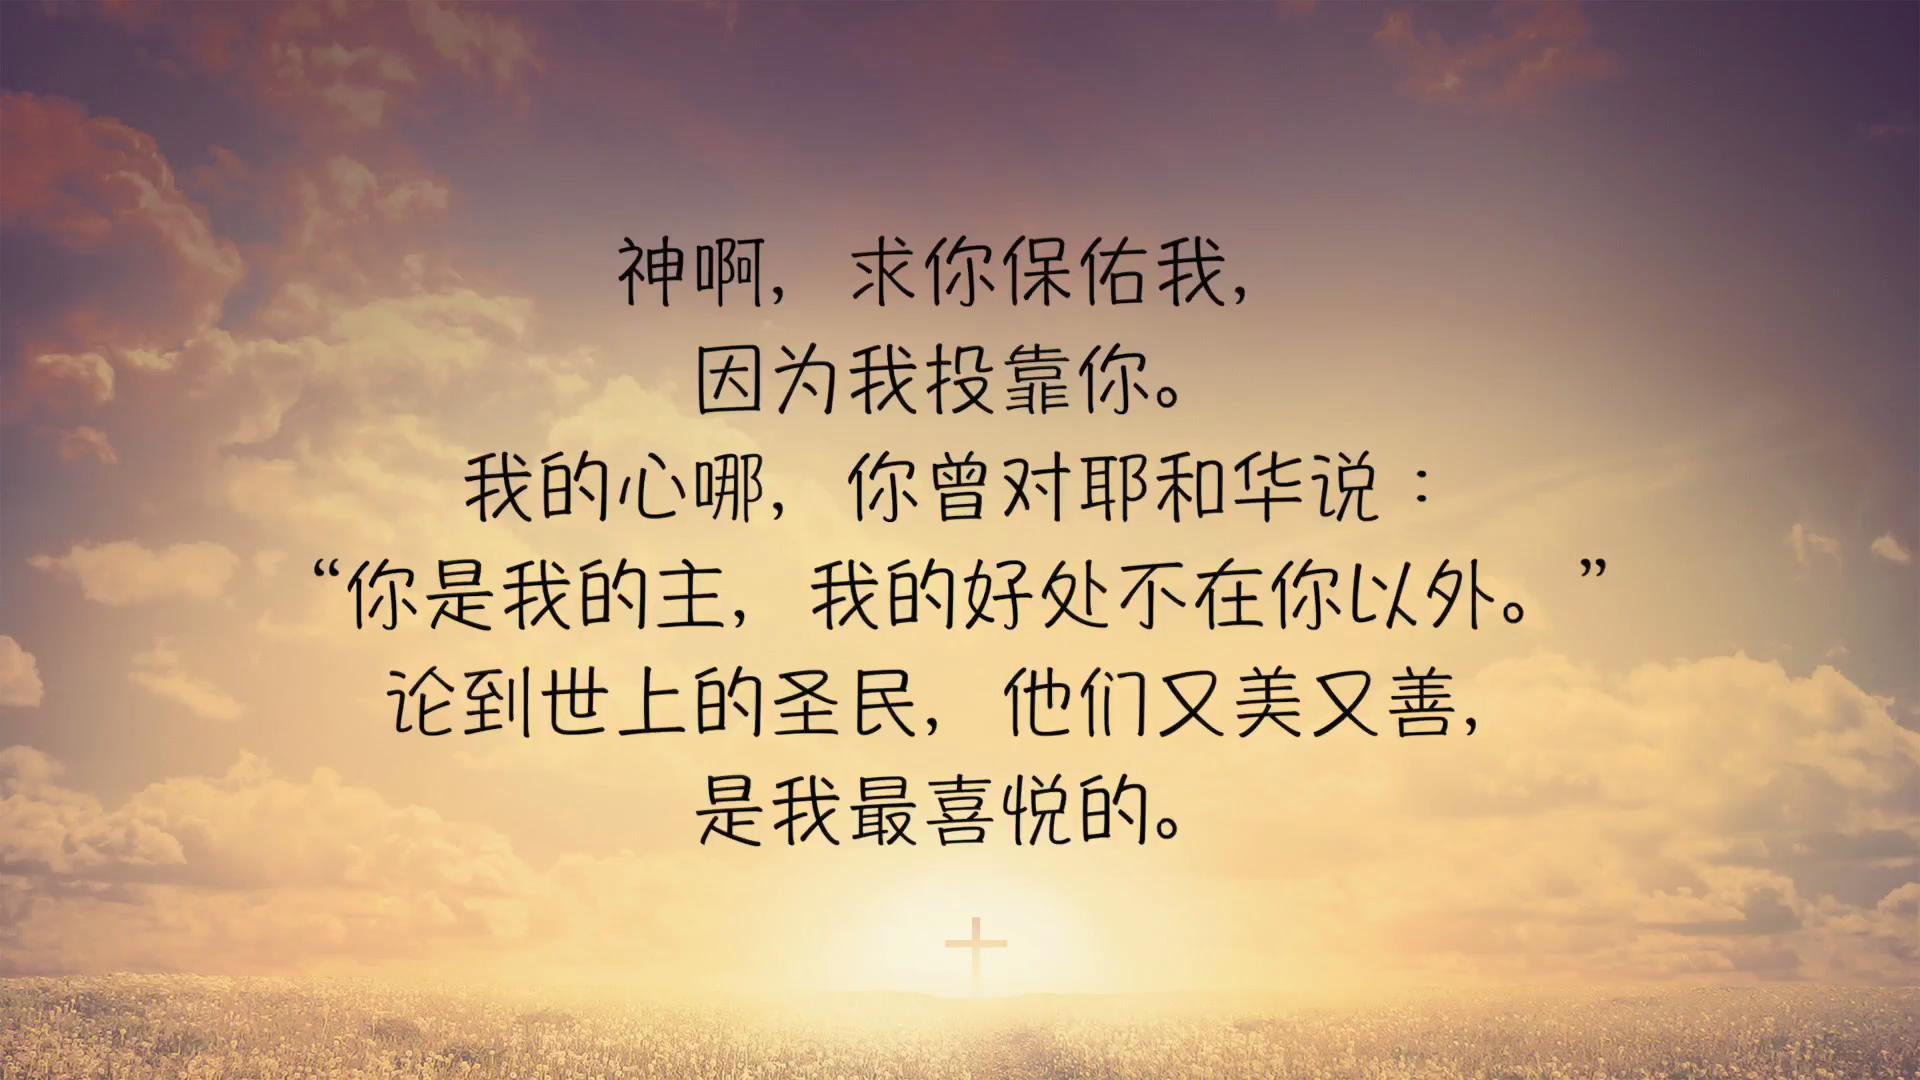 圣经三分钟 诗篇16_20181208214520.JPG